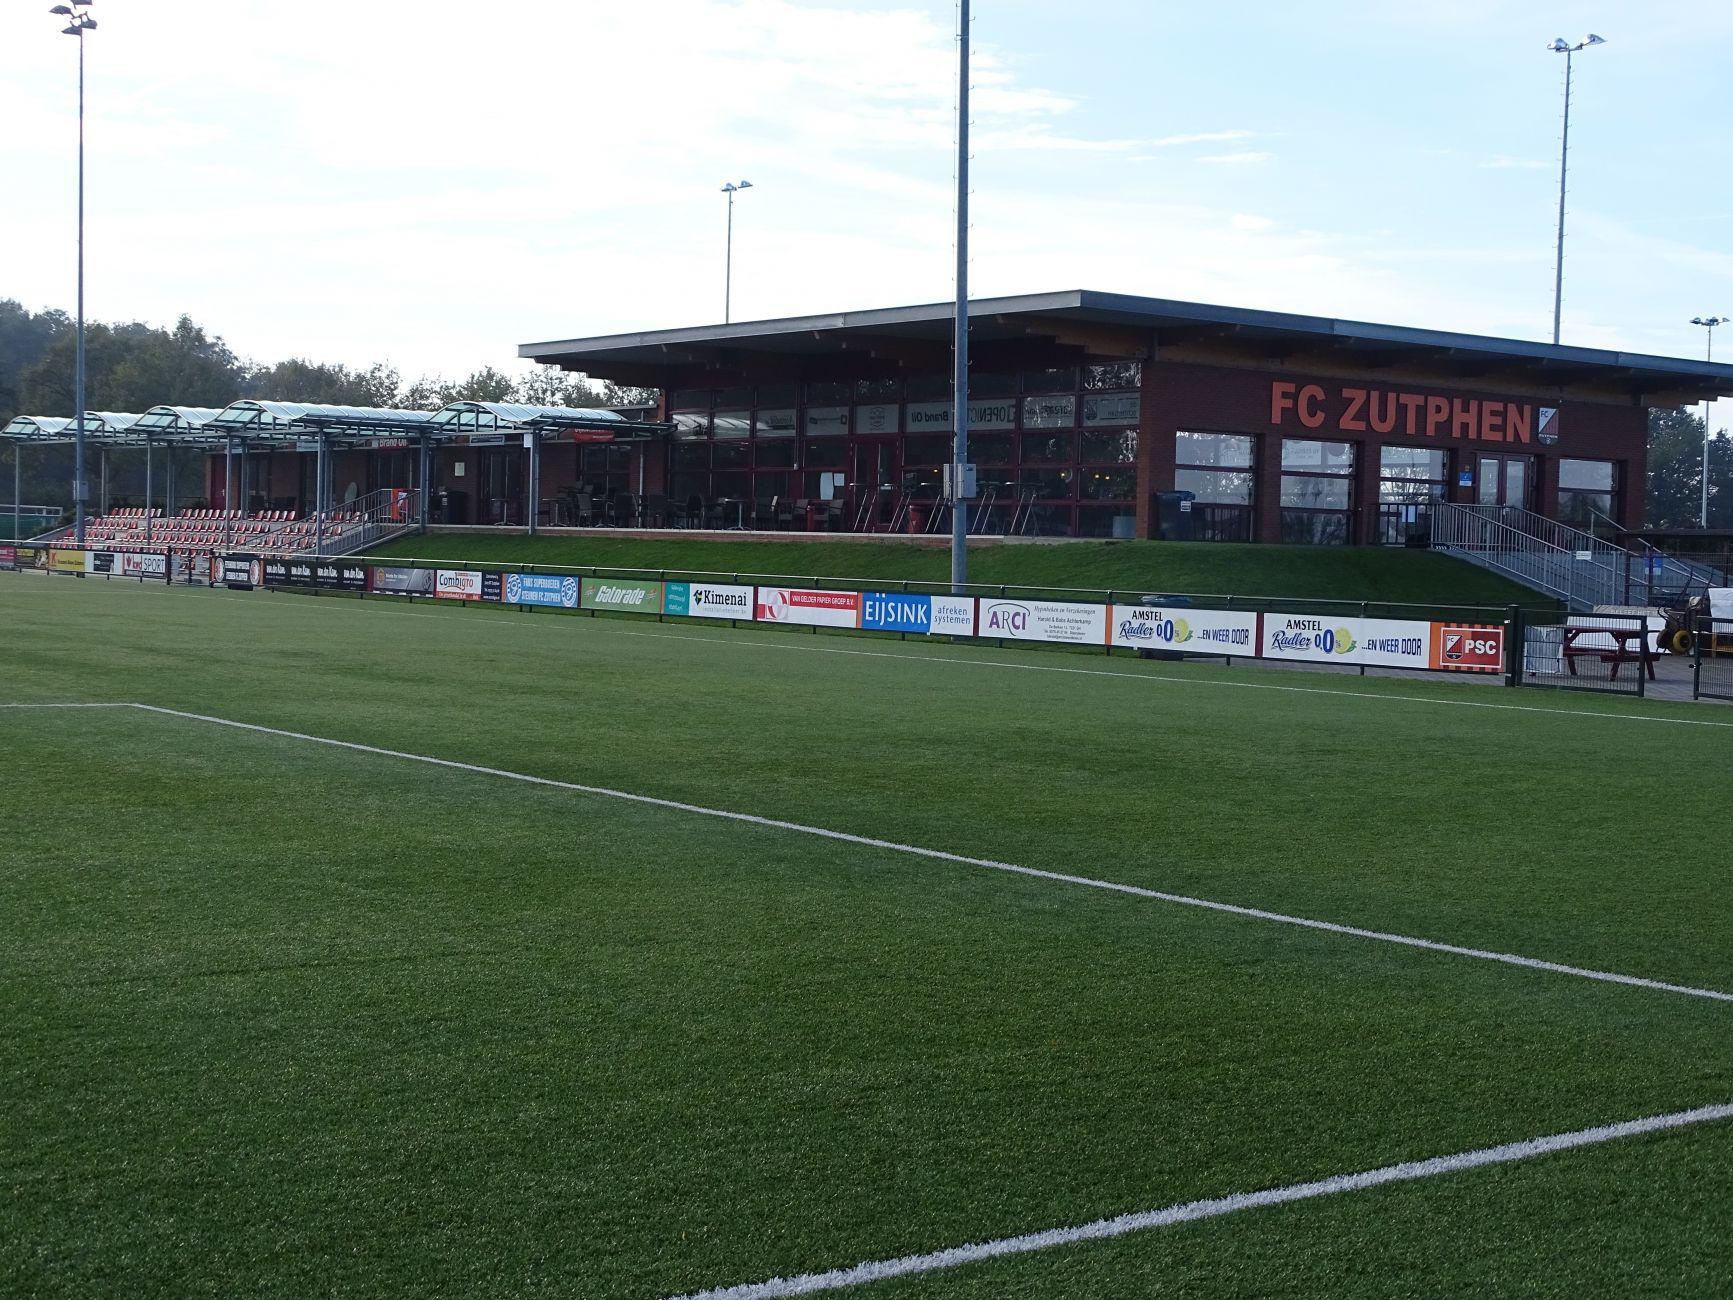 Verdiende 1-3 nederlaag van FC Zutphen ( zat.) tegen Oranje Nassau.